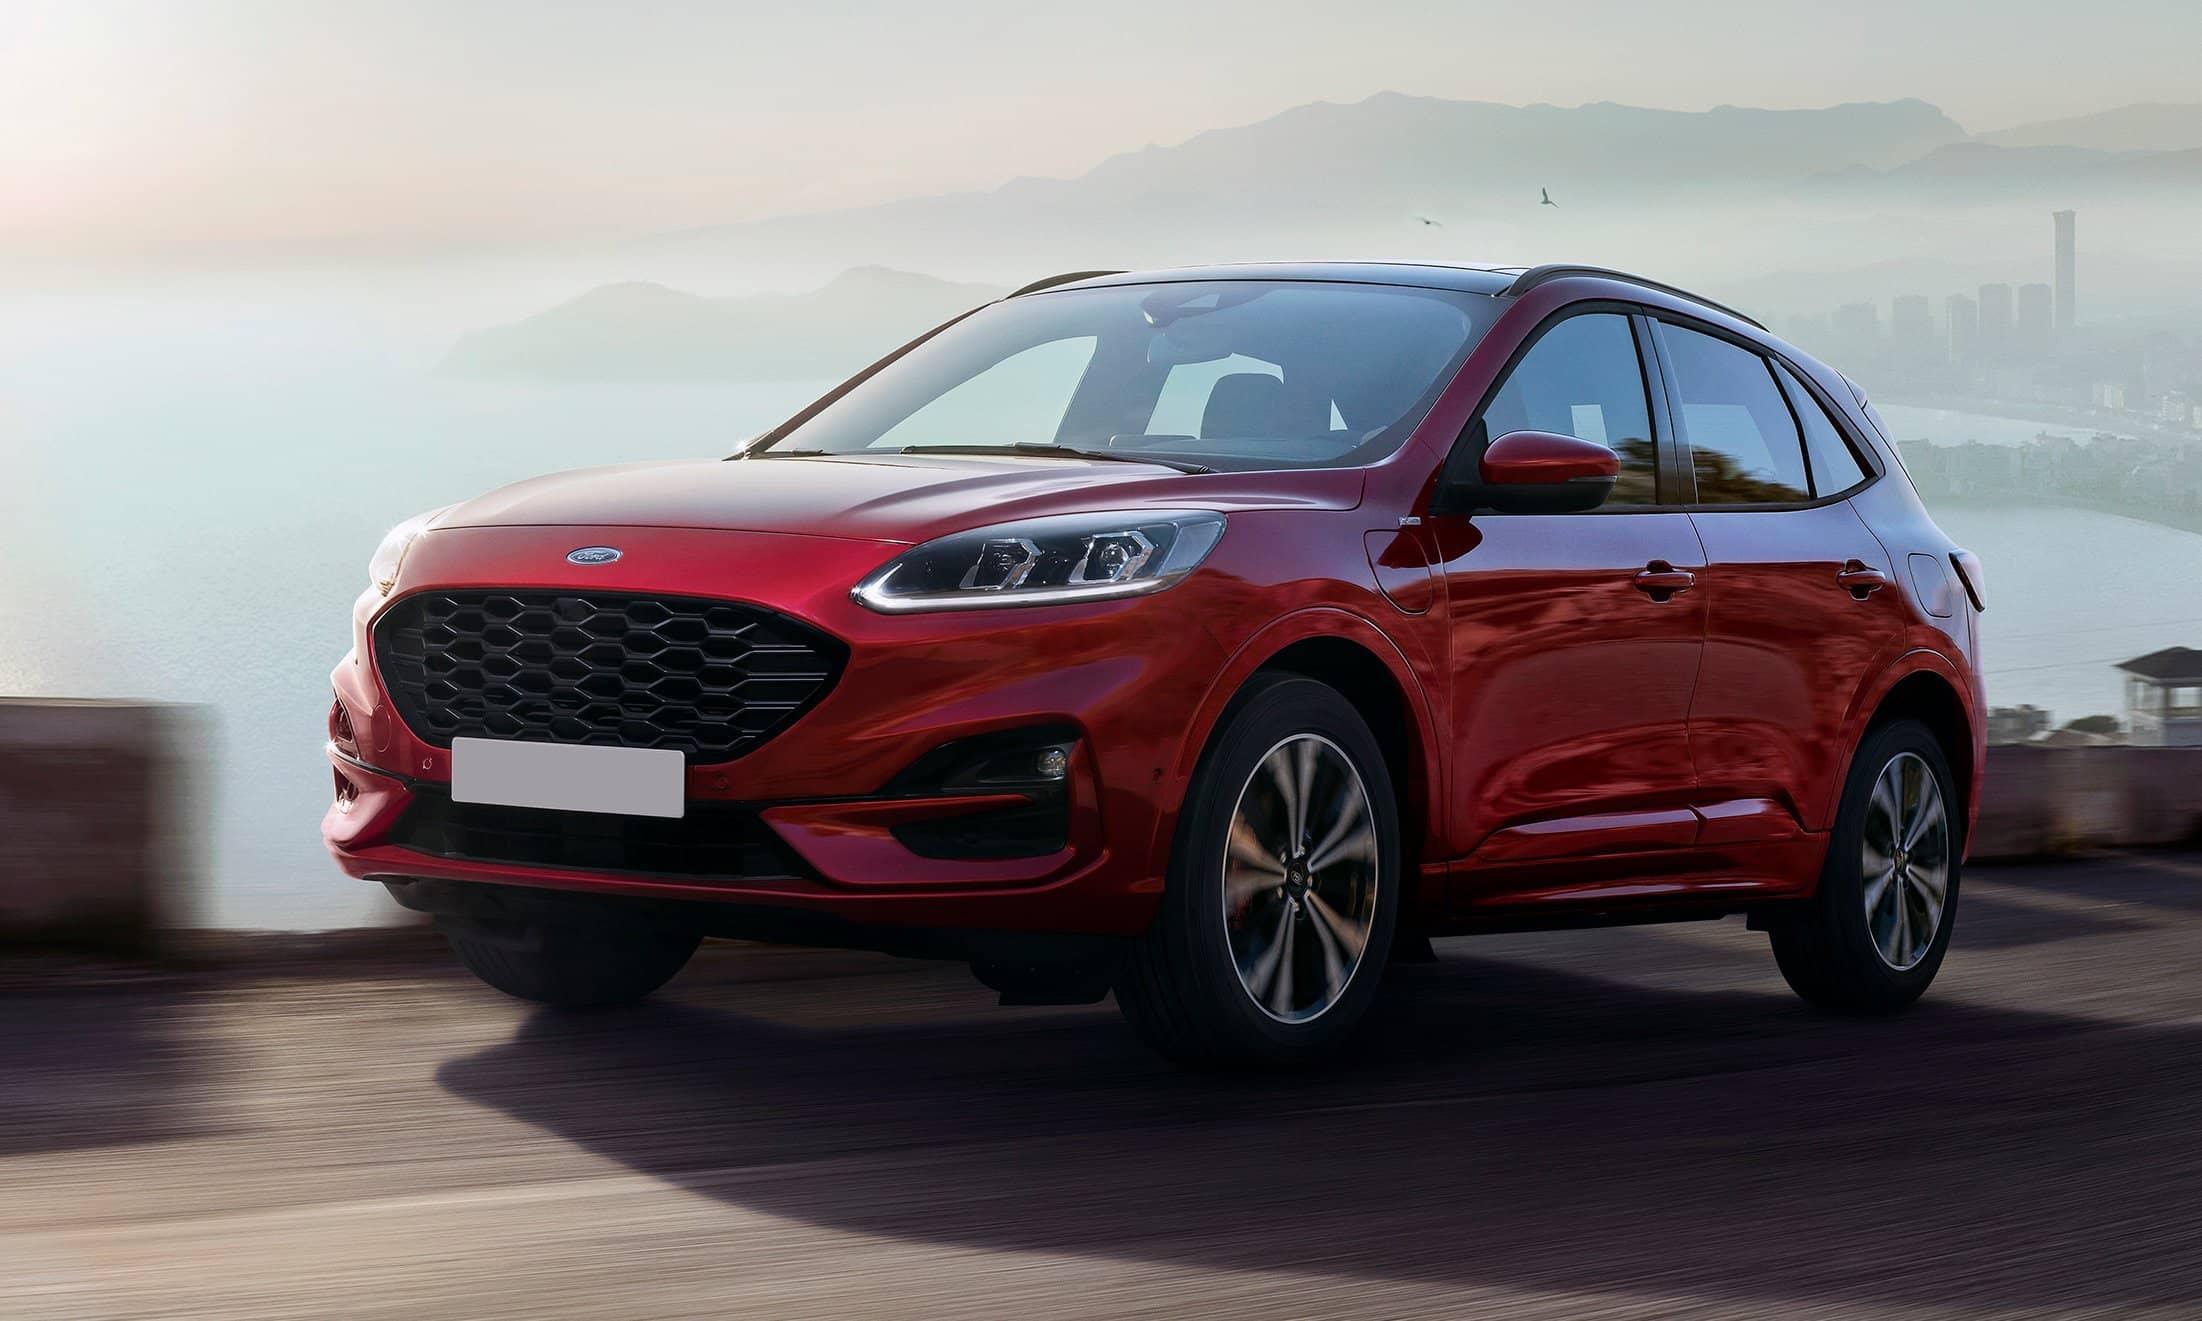 Precios Ford Kuga MHEV 2021 - Descubre las ofertas del ...